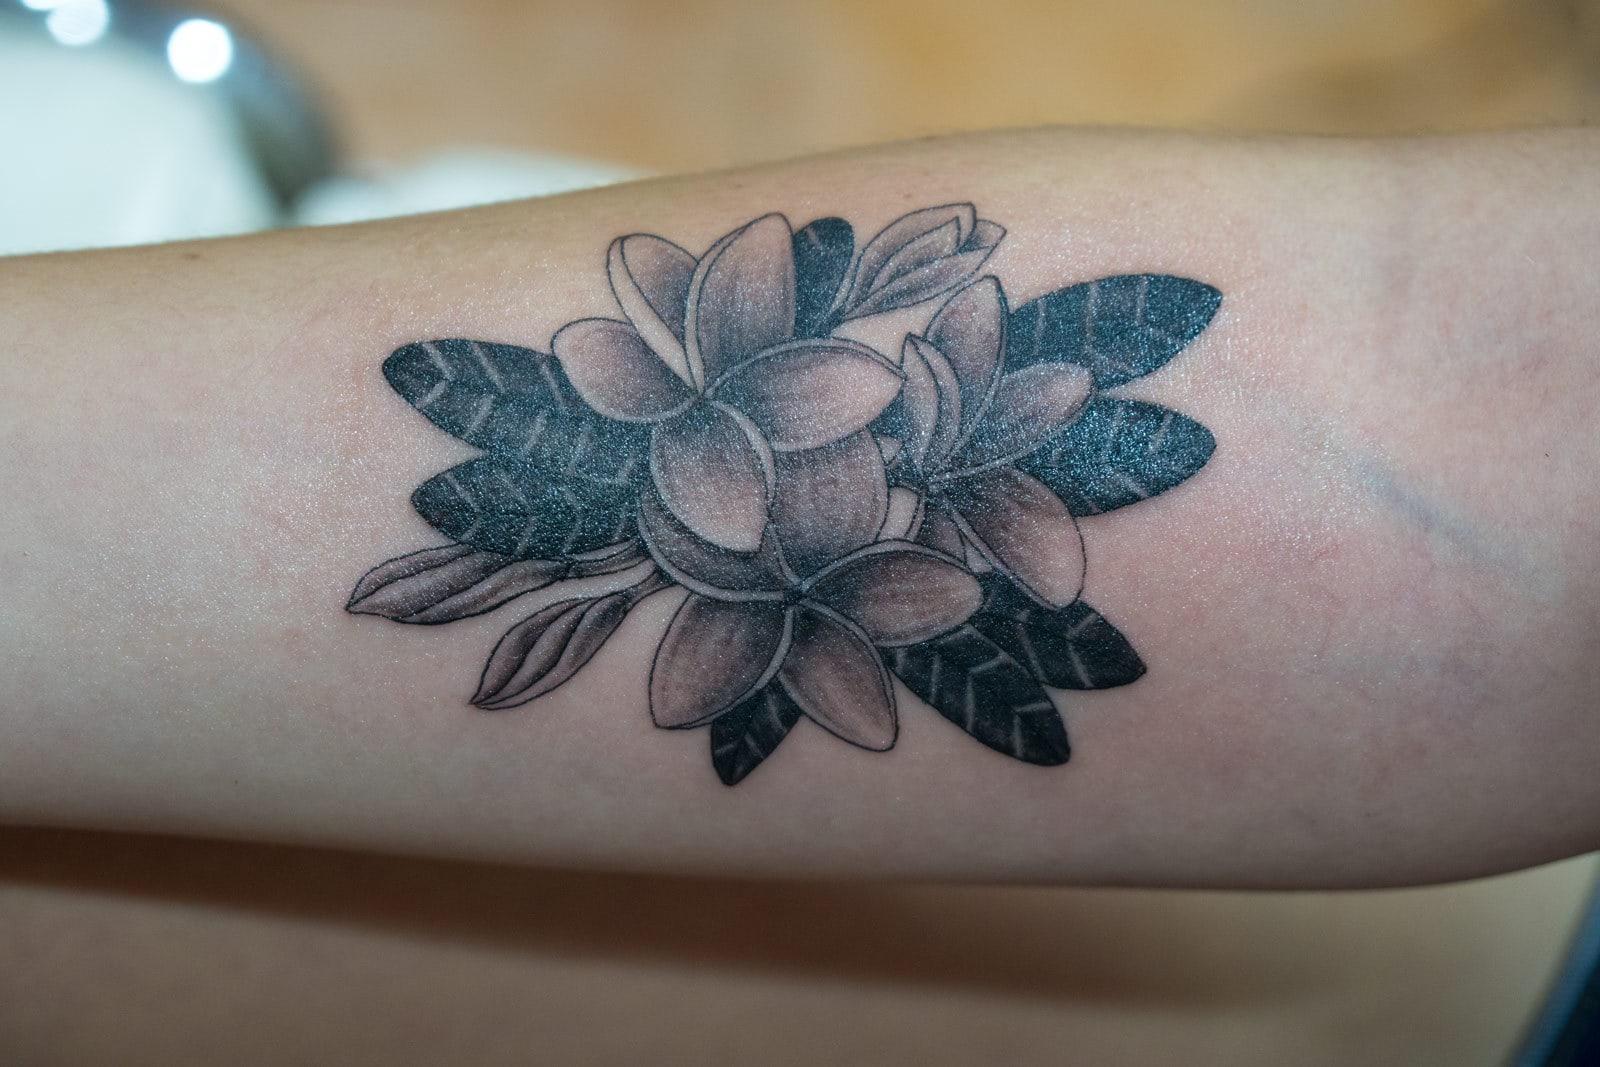 Fertiges Ergbenis der Tattoowierung mit Maschine